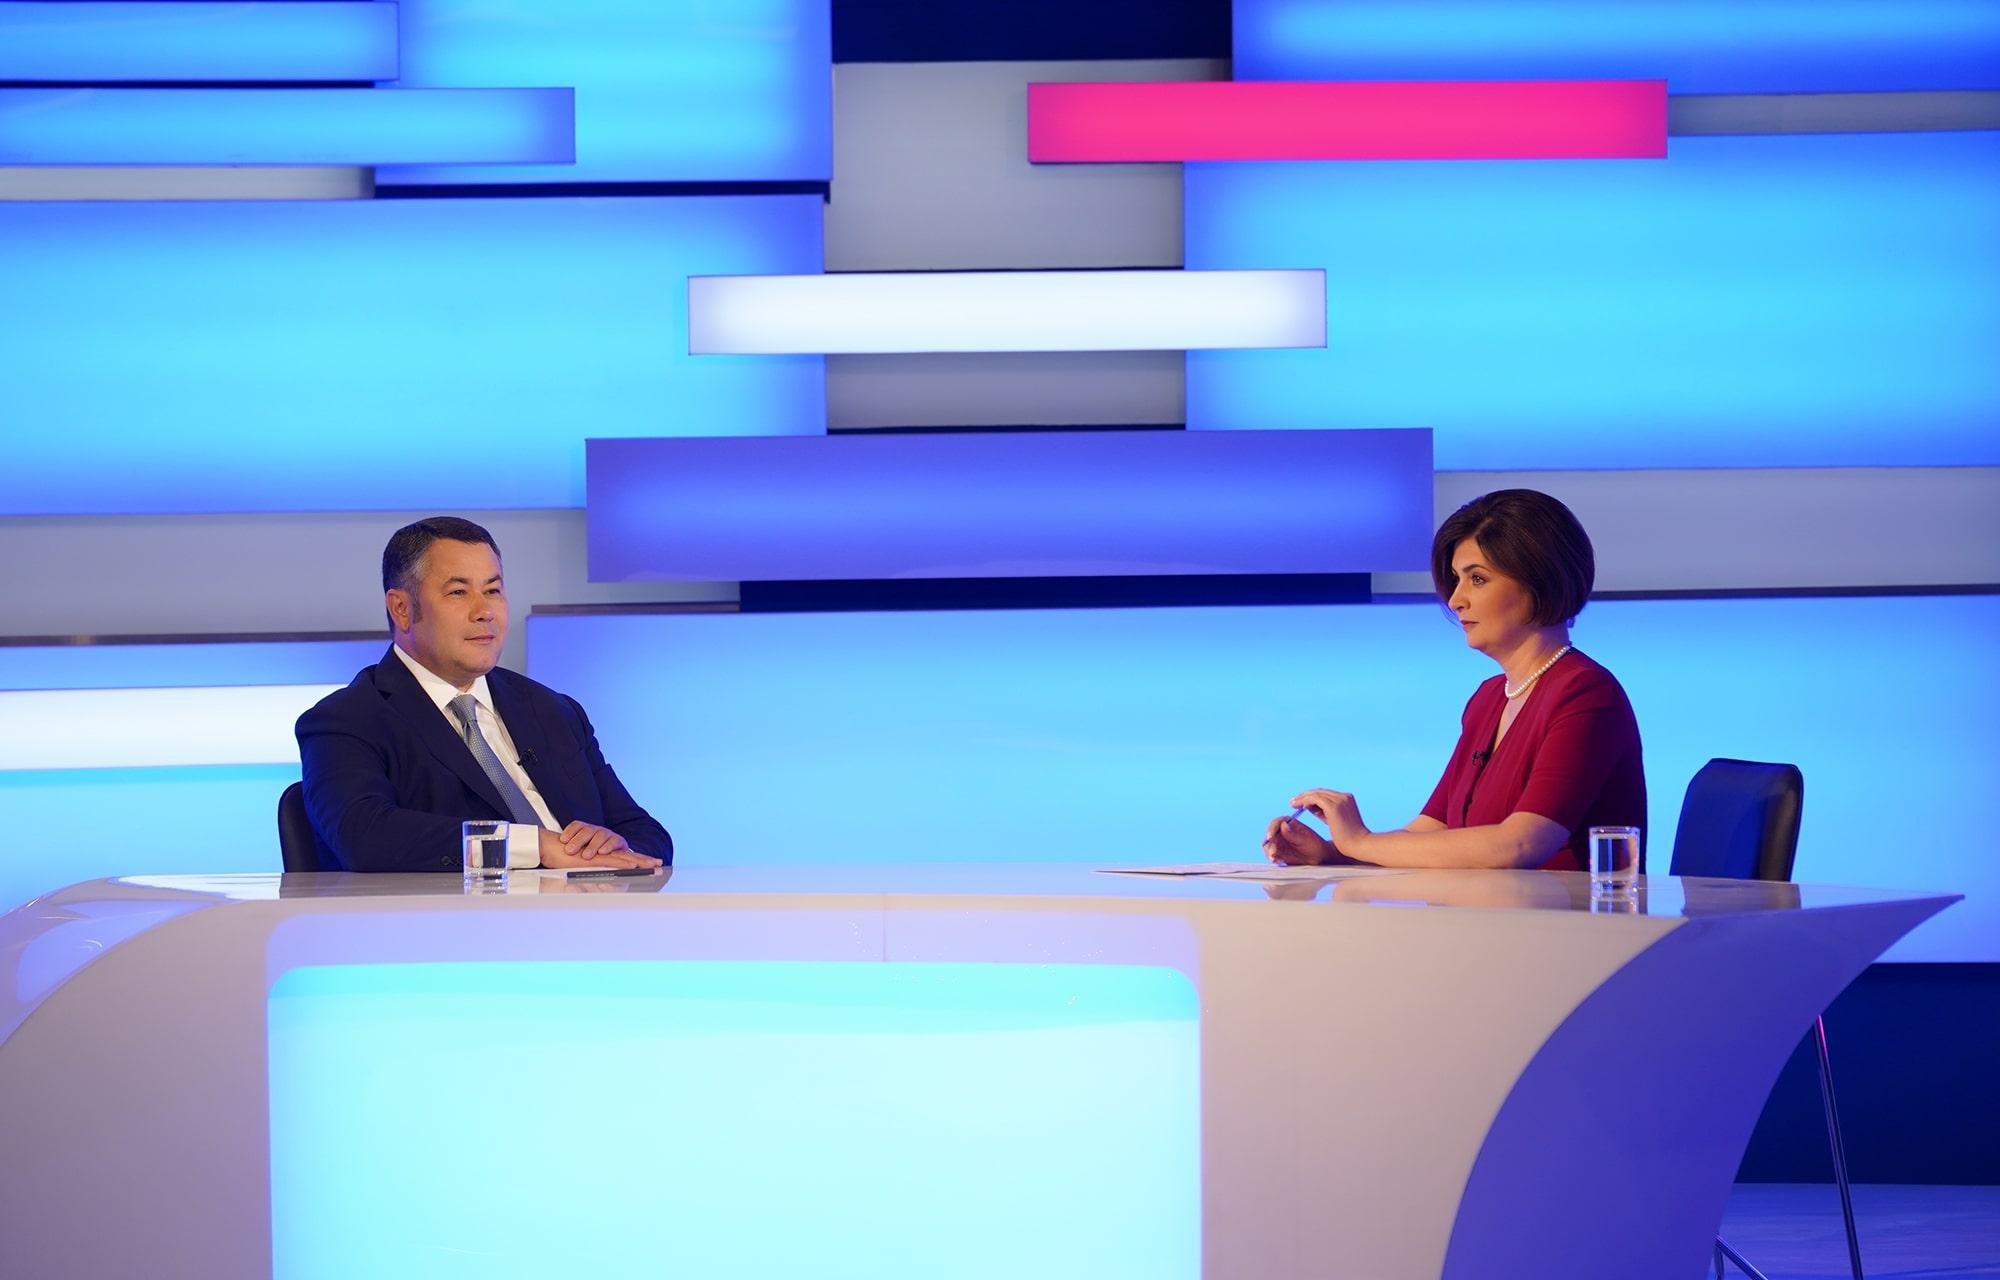 Газ, дороги, предприятия: Игорь Руденя ответит на вопросы жителей Тверской области